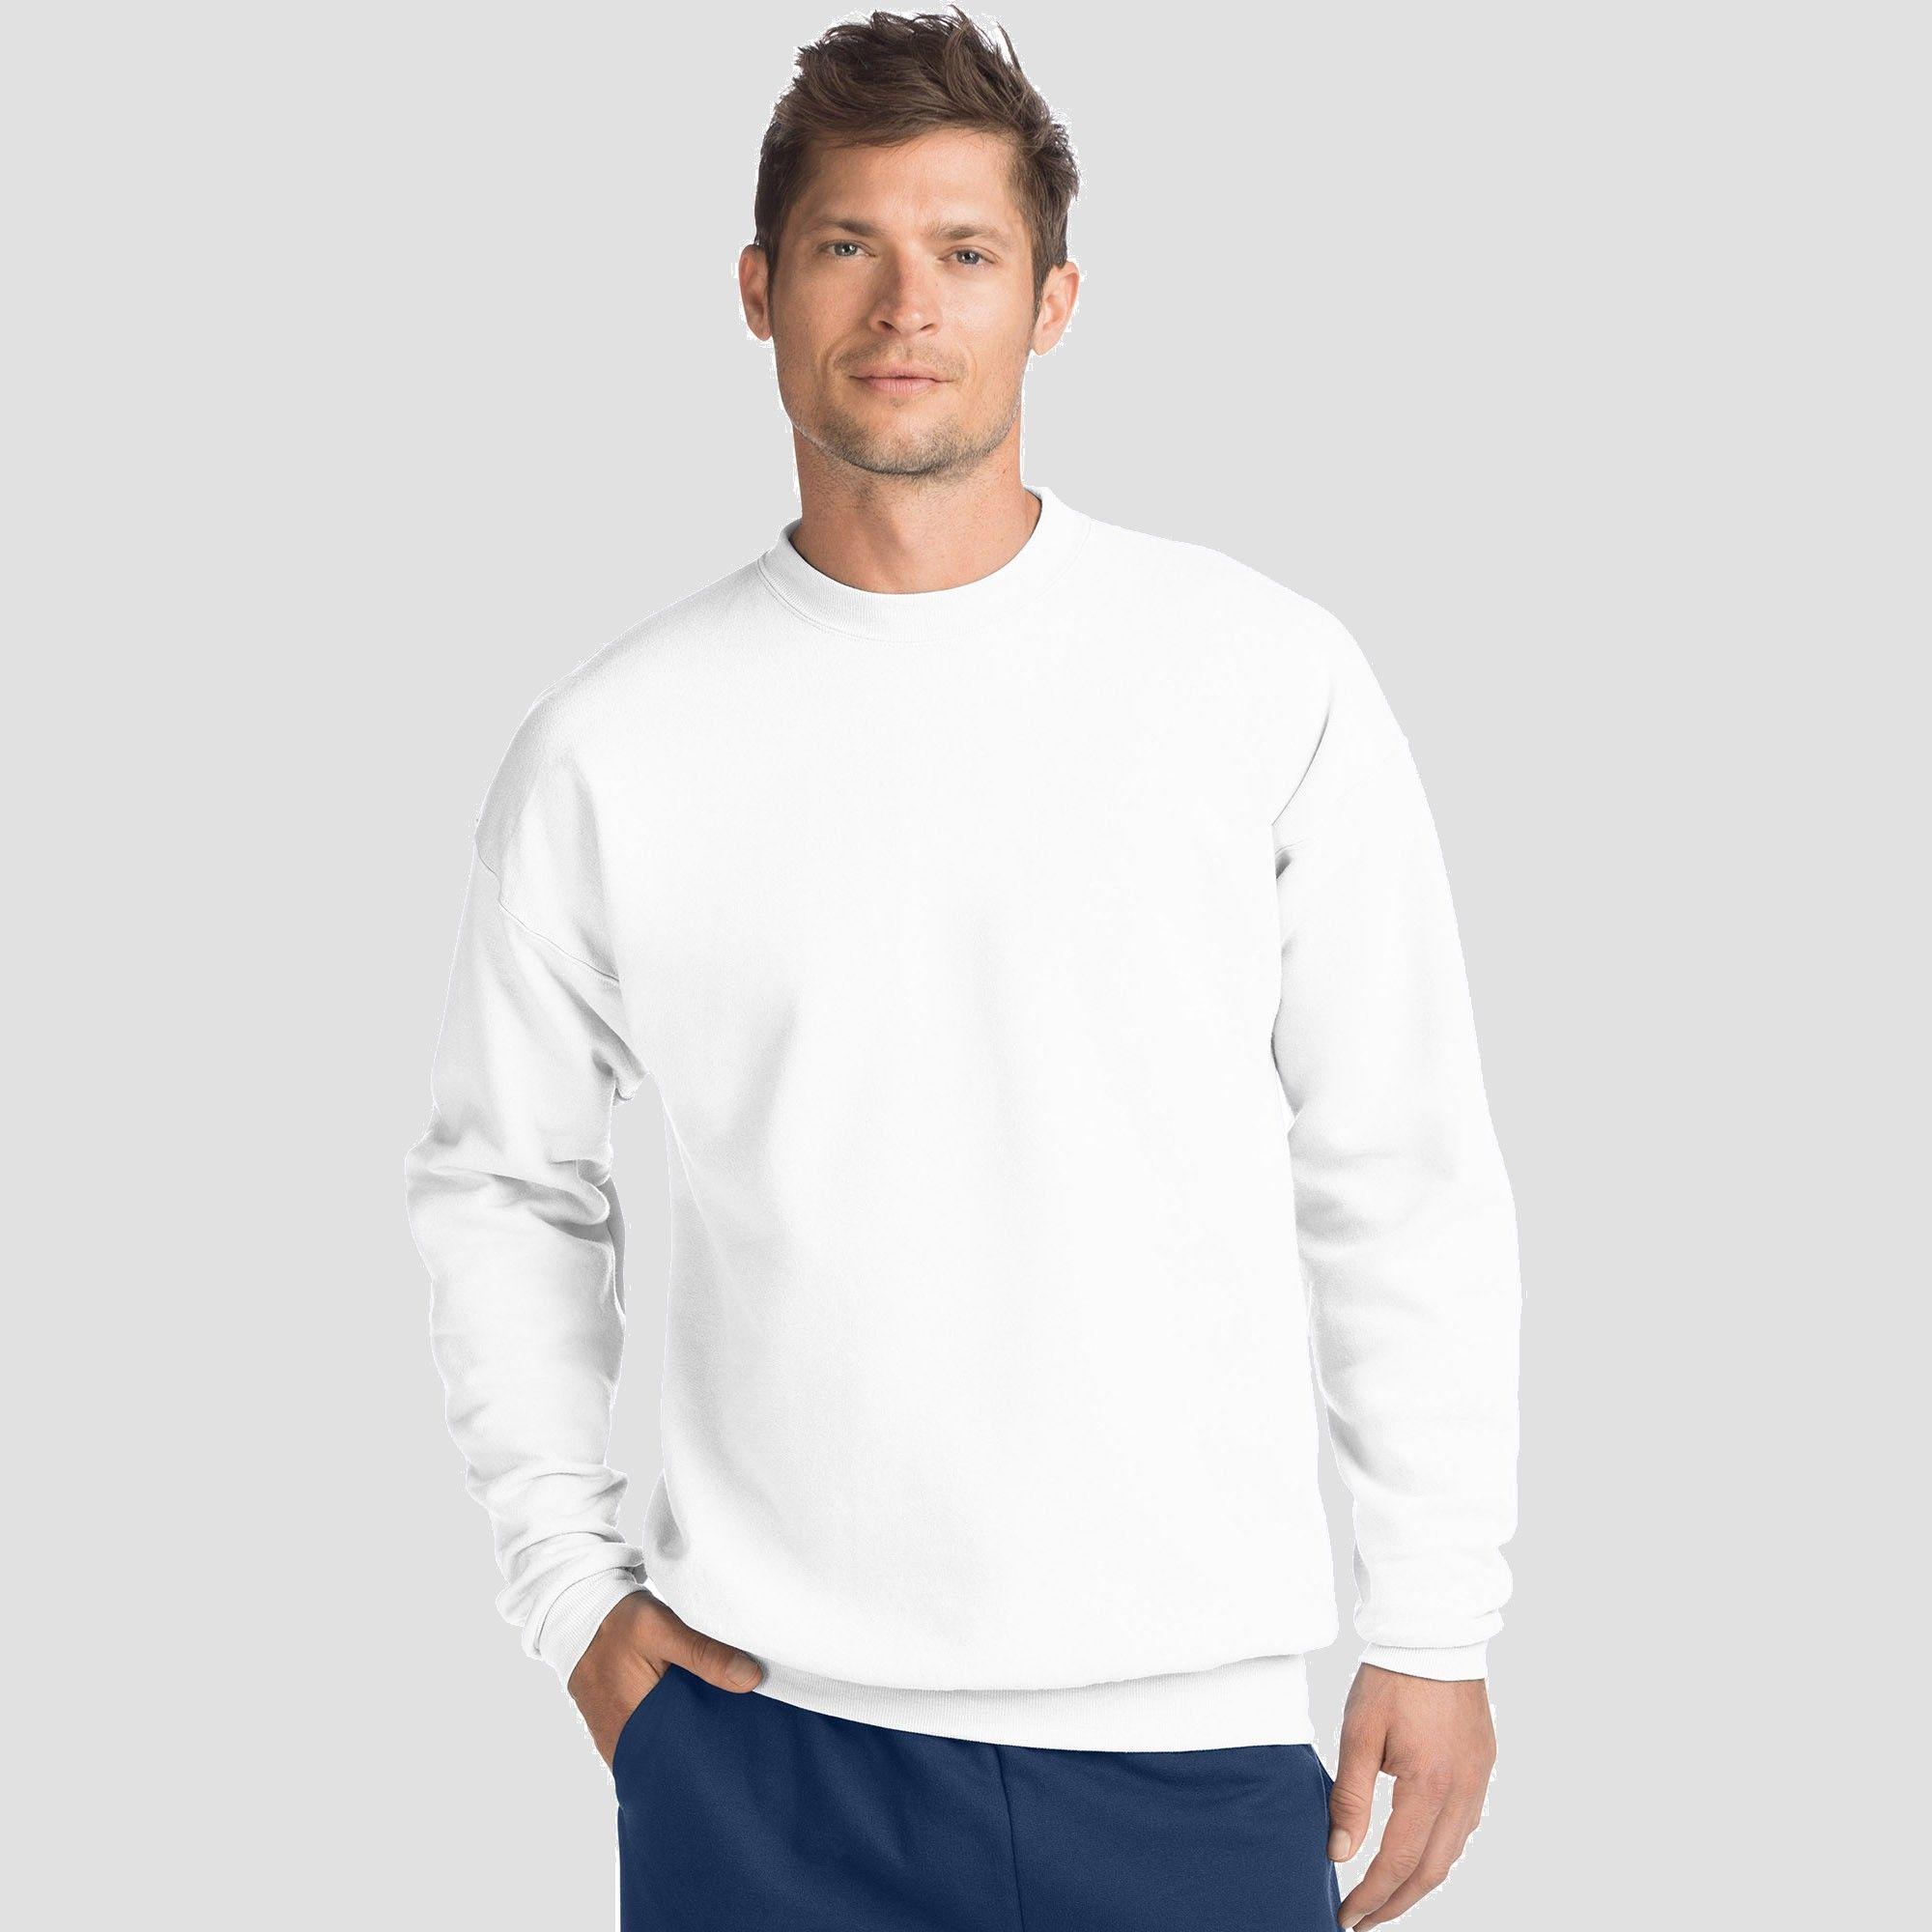 New Men/'s Hanes Comfortblend EcoSmart Crew Sweatshirt Long Sleeve Crewneck S-5XL